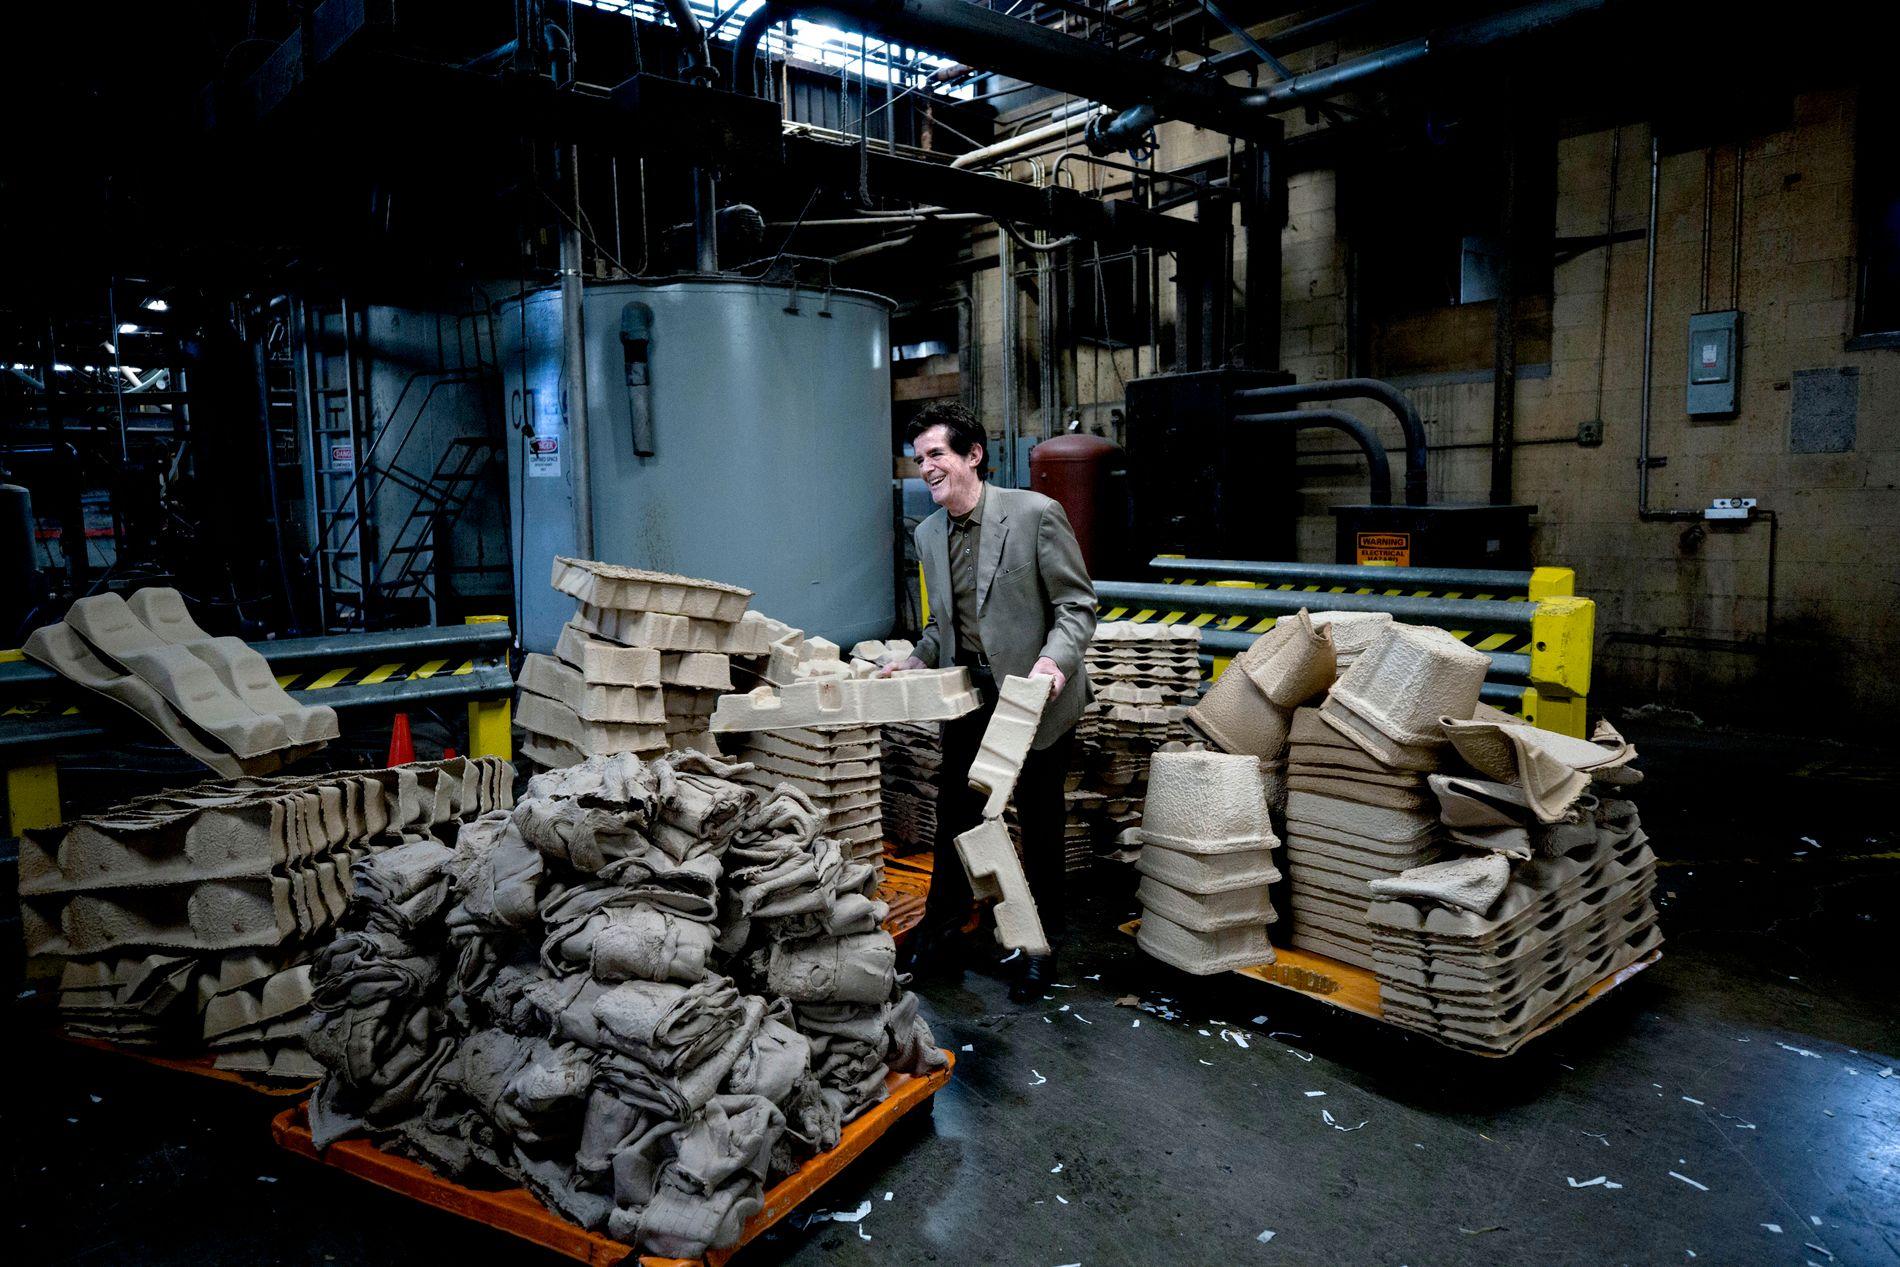 VETERAN PÅ JOBB: Doug Henry og hans bedrift resirkulerer papir og støper fiberemballasje som brukes til å beskytte produkter i alle former. Hans far med samme navn startet bedriften i 1962.